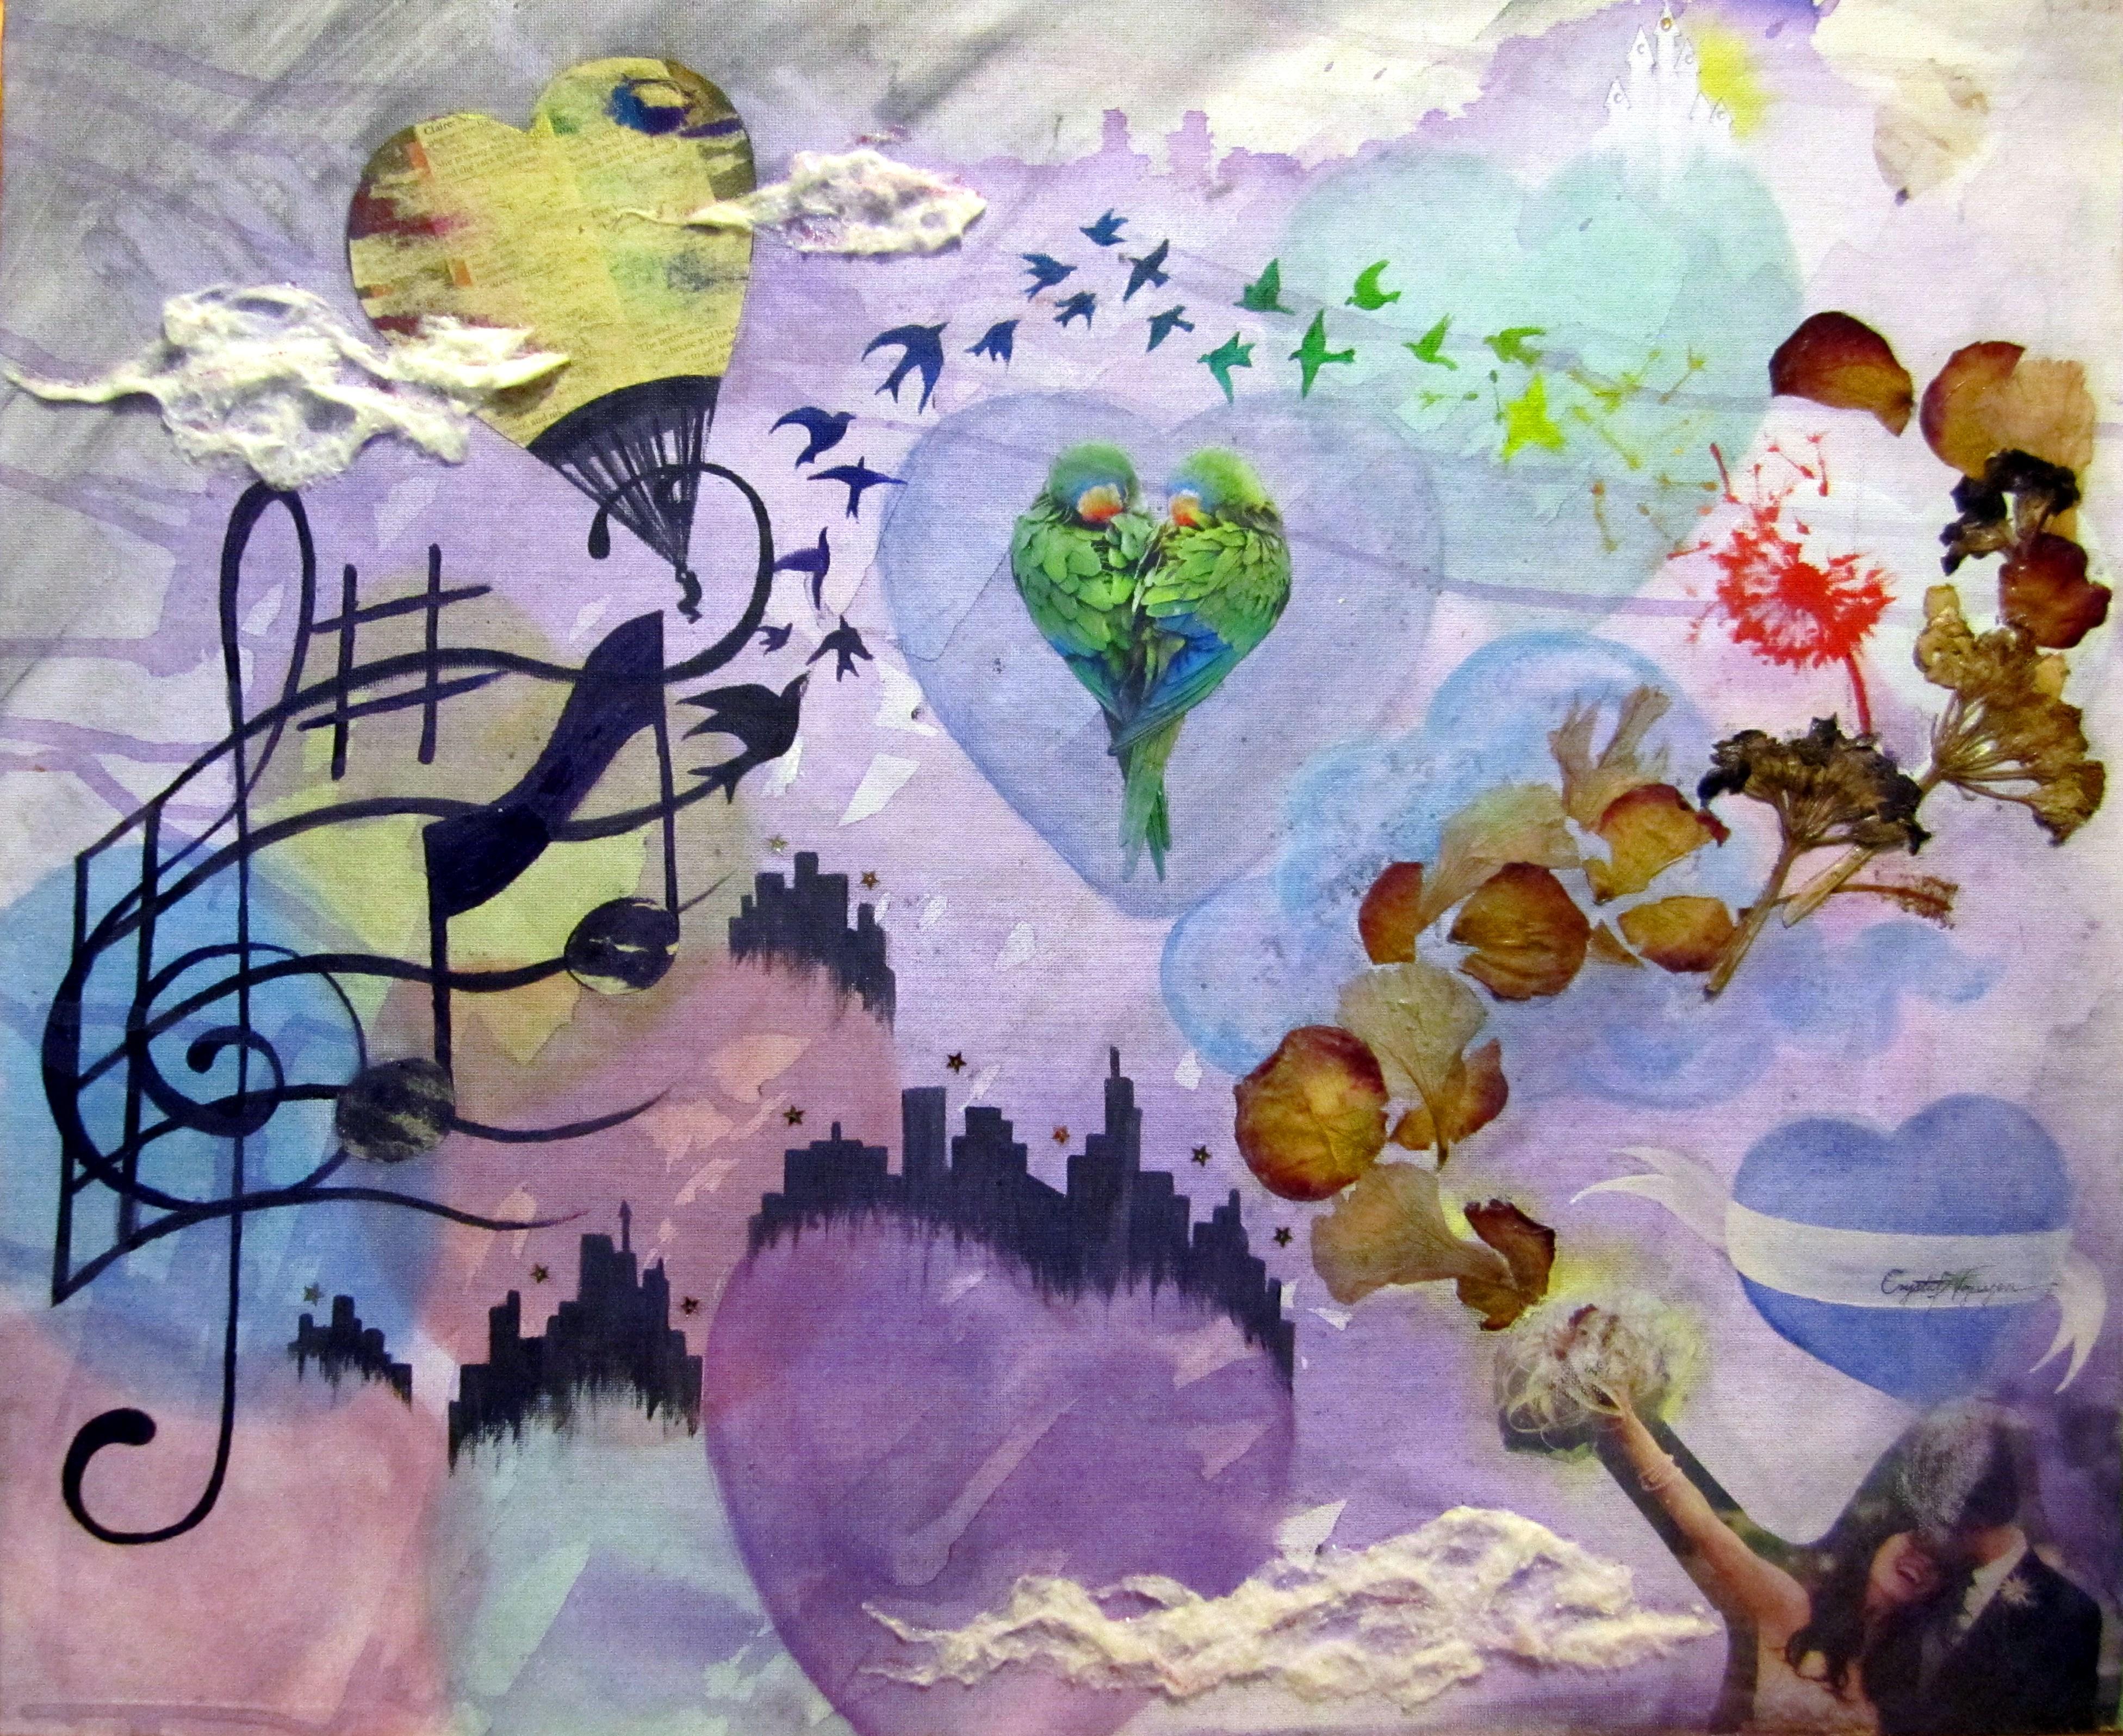 Flowing Rhythm of Love